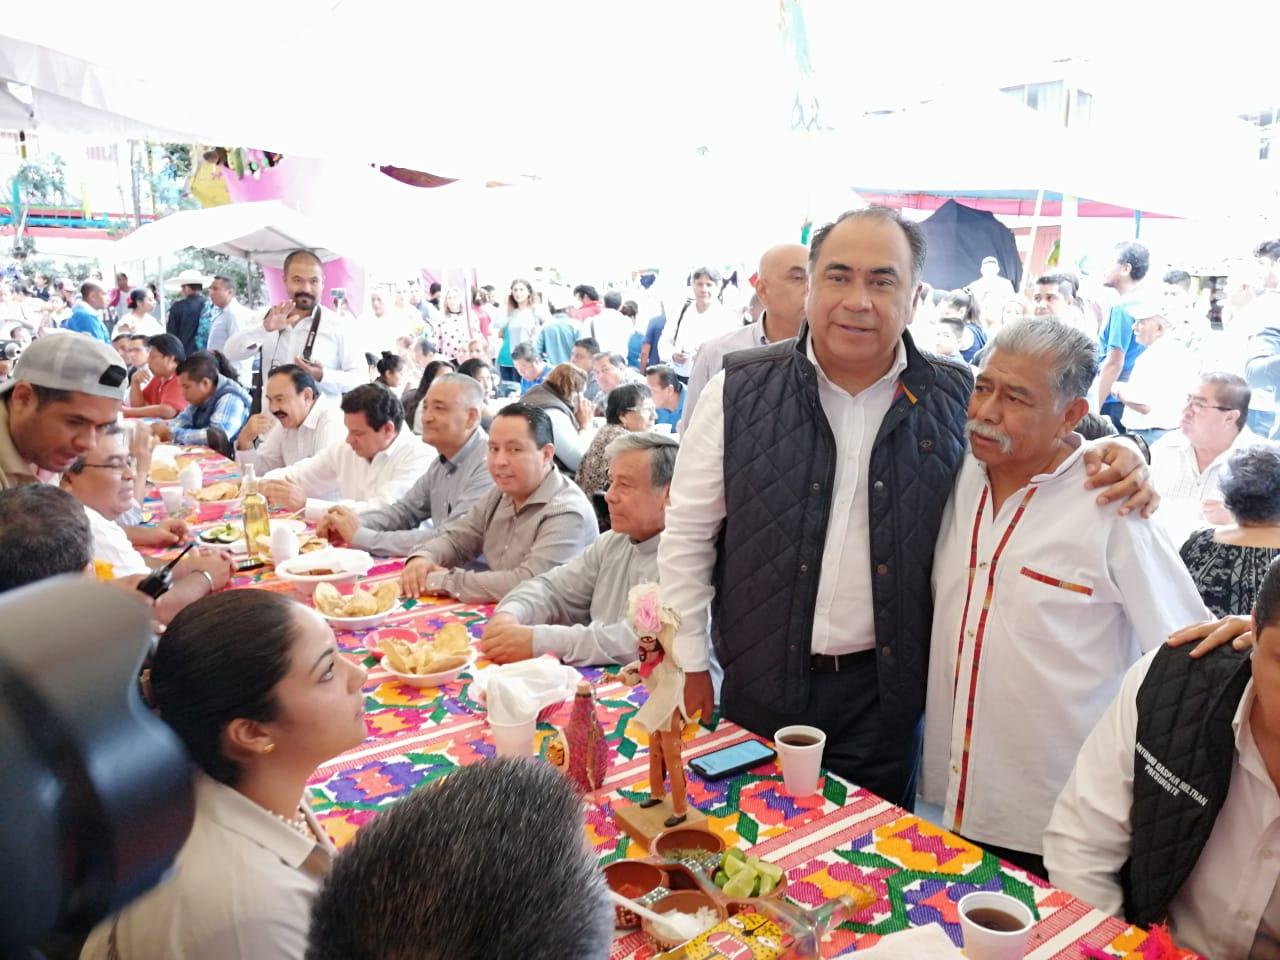 Fiesta y tradición engalanan El Barrio de San Antonio en el Festejo del Santo Patrono